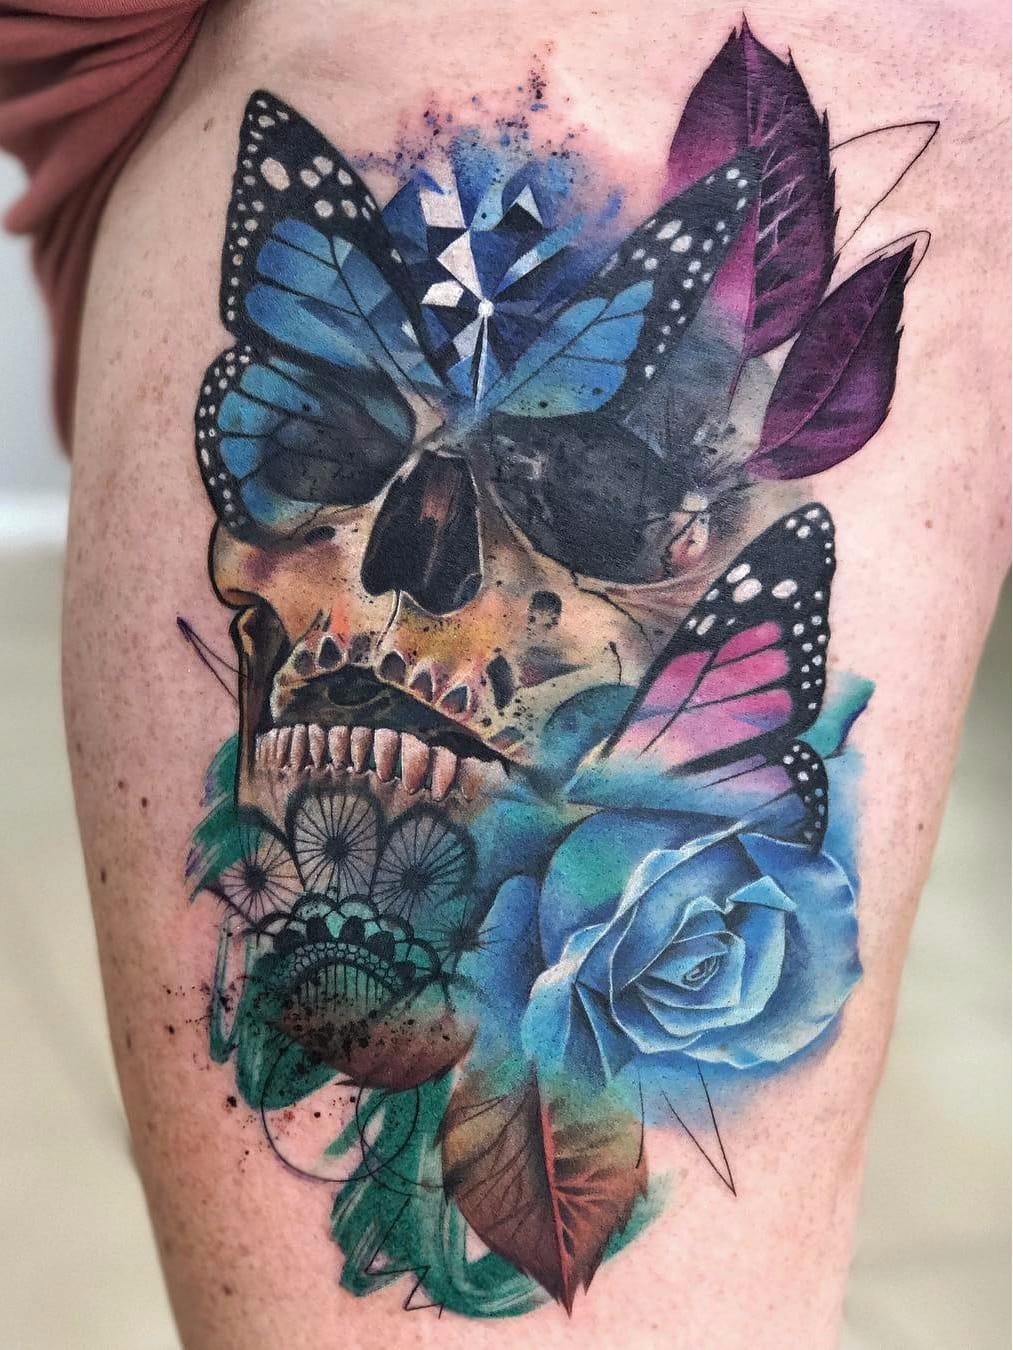 Por Freddie Albrighton #FreddieAlbrighton #gringo #colorido #colorful #realismo #realism #realismocolorido #flor #flower #caveira #skull #cranio #grafico #graphic #rosa #rose #watercolor #aquarela #borboleta #butterfly